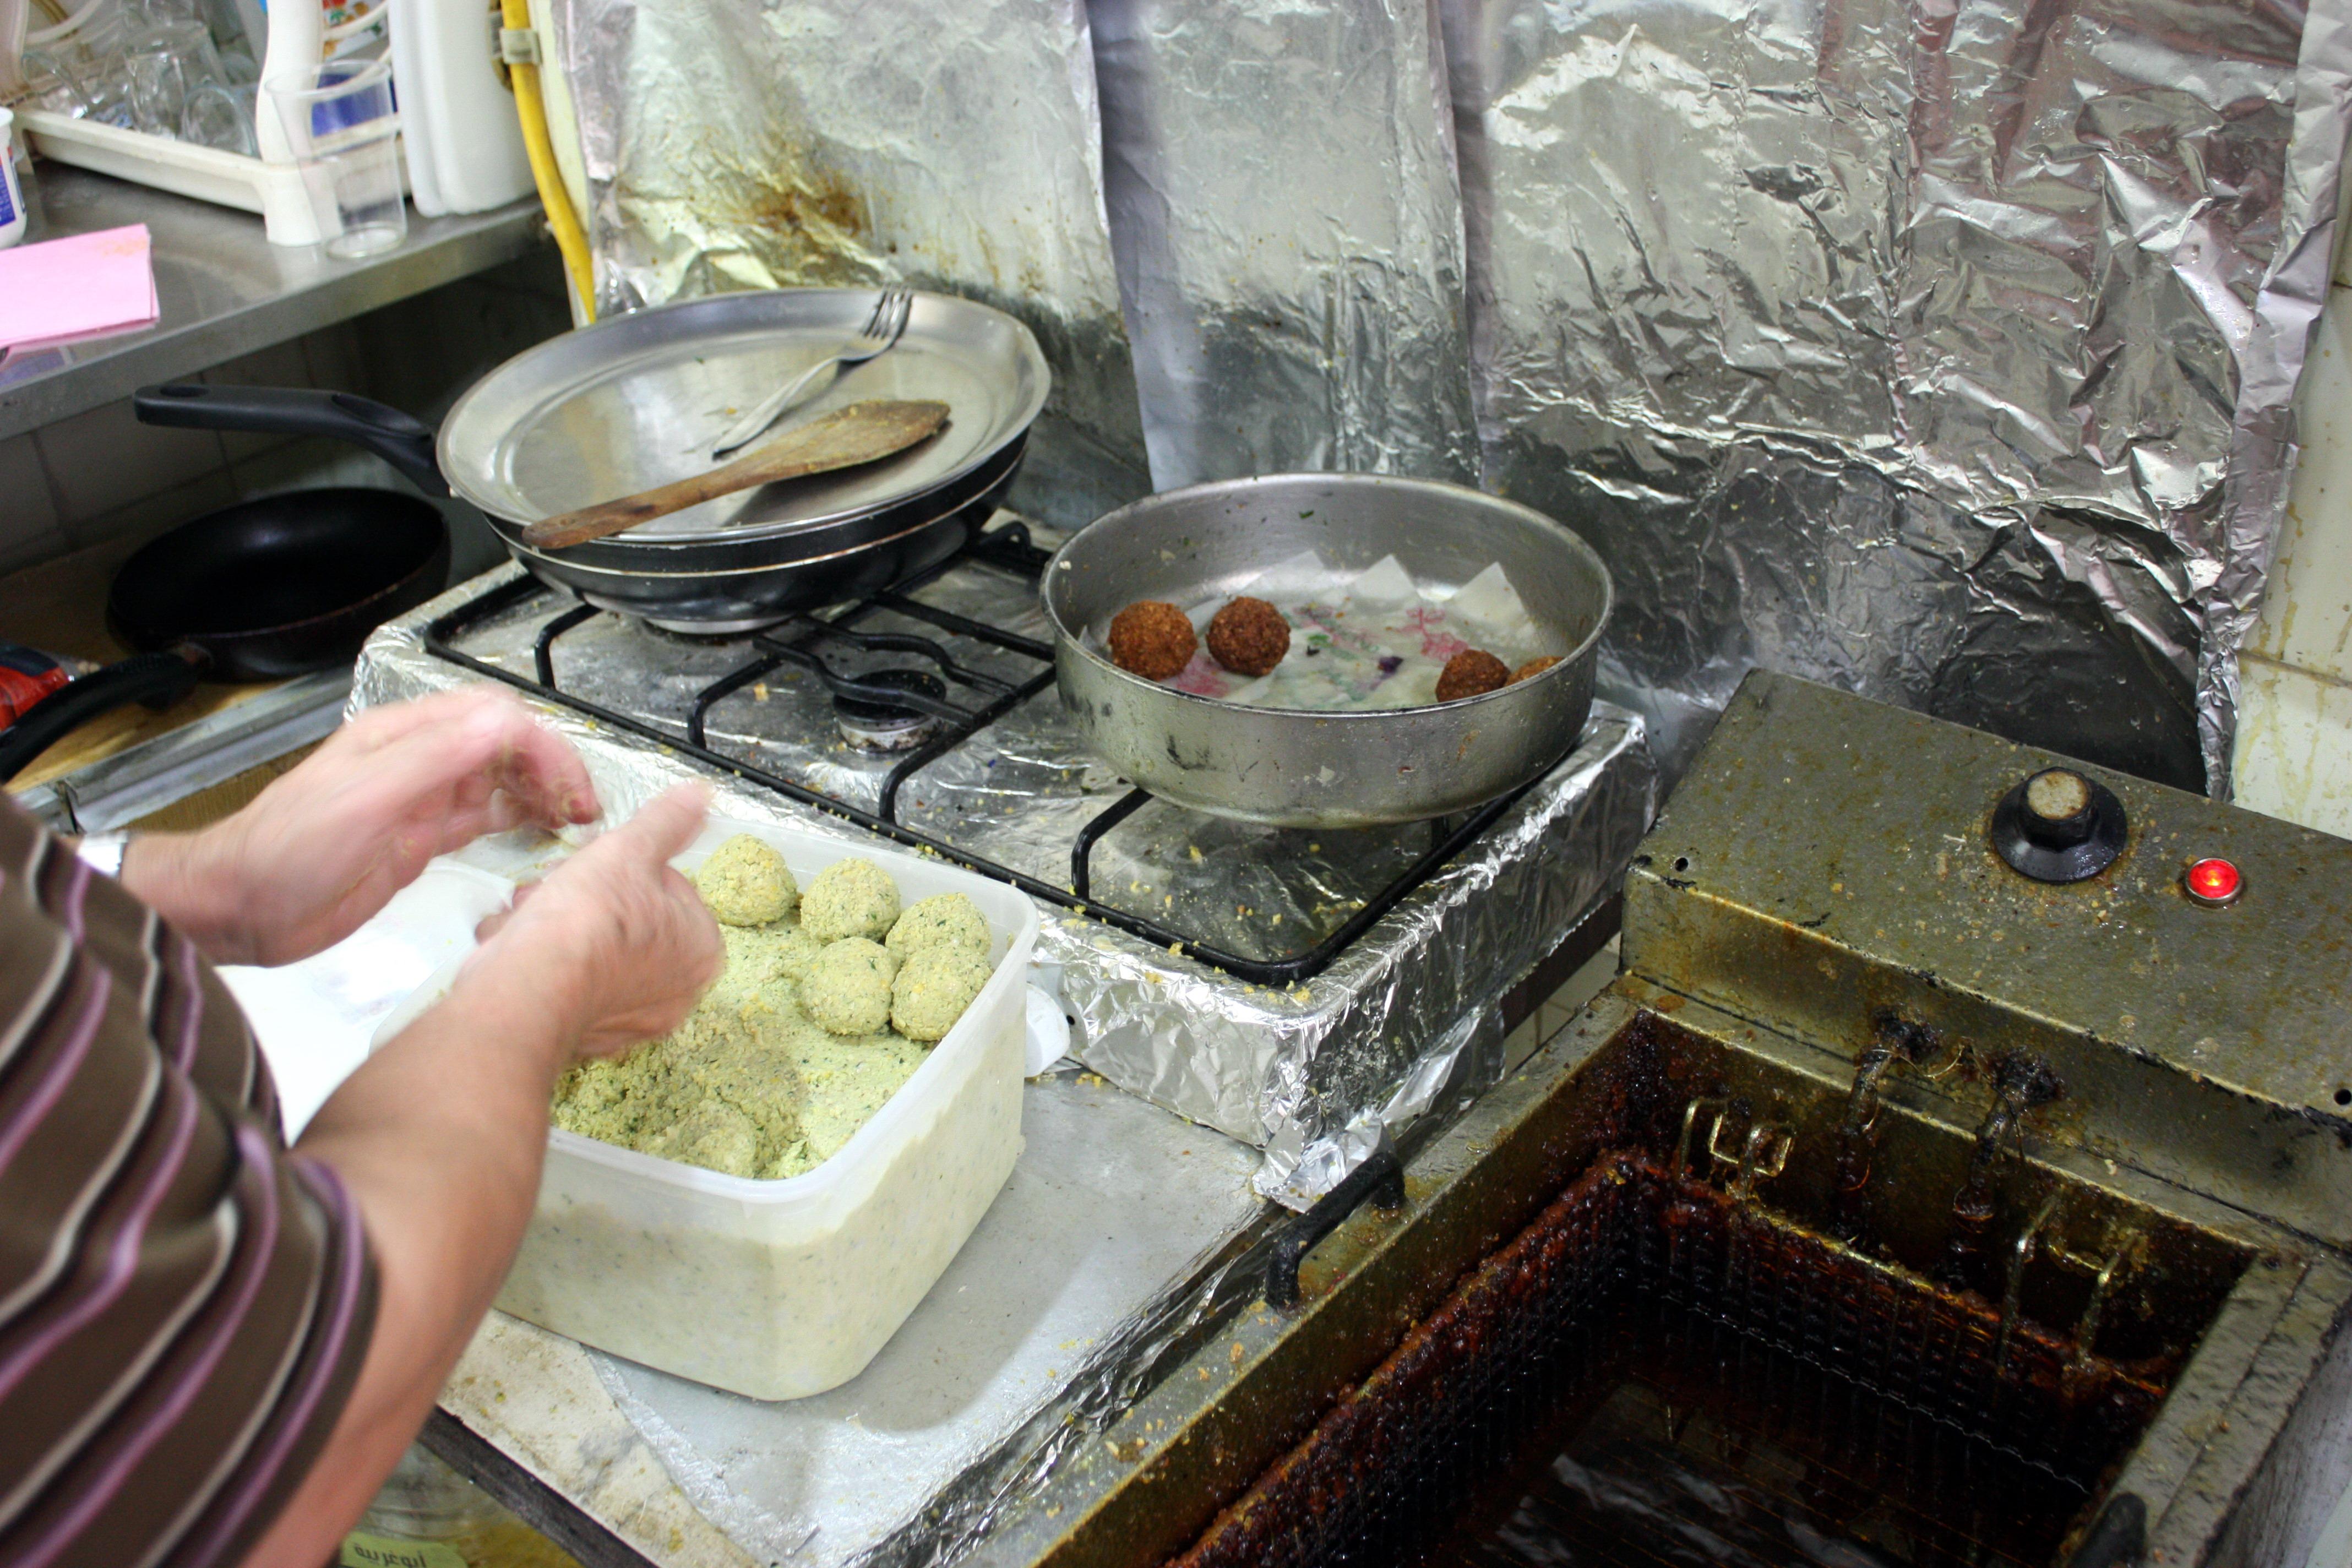 Preparing falafel 1709.JPG